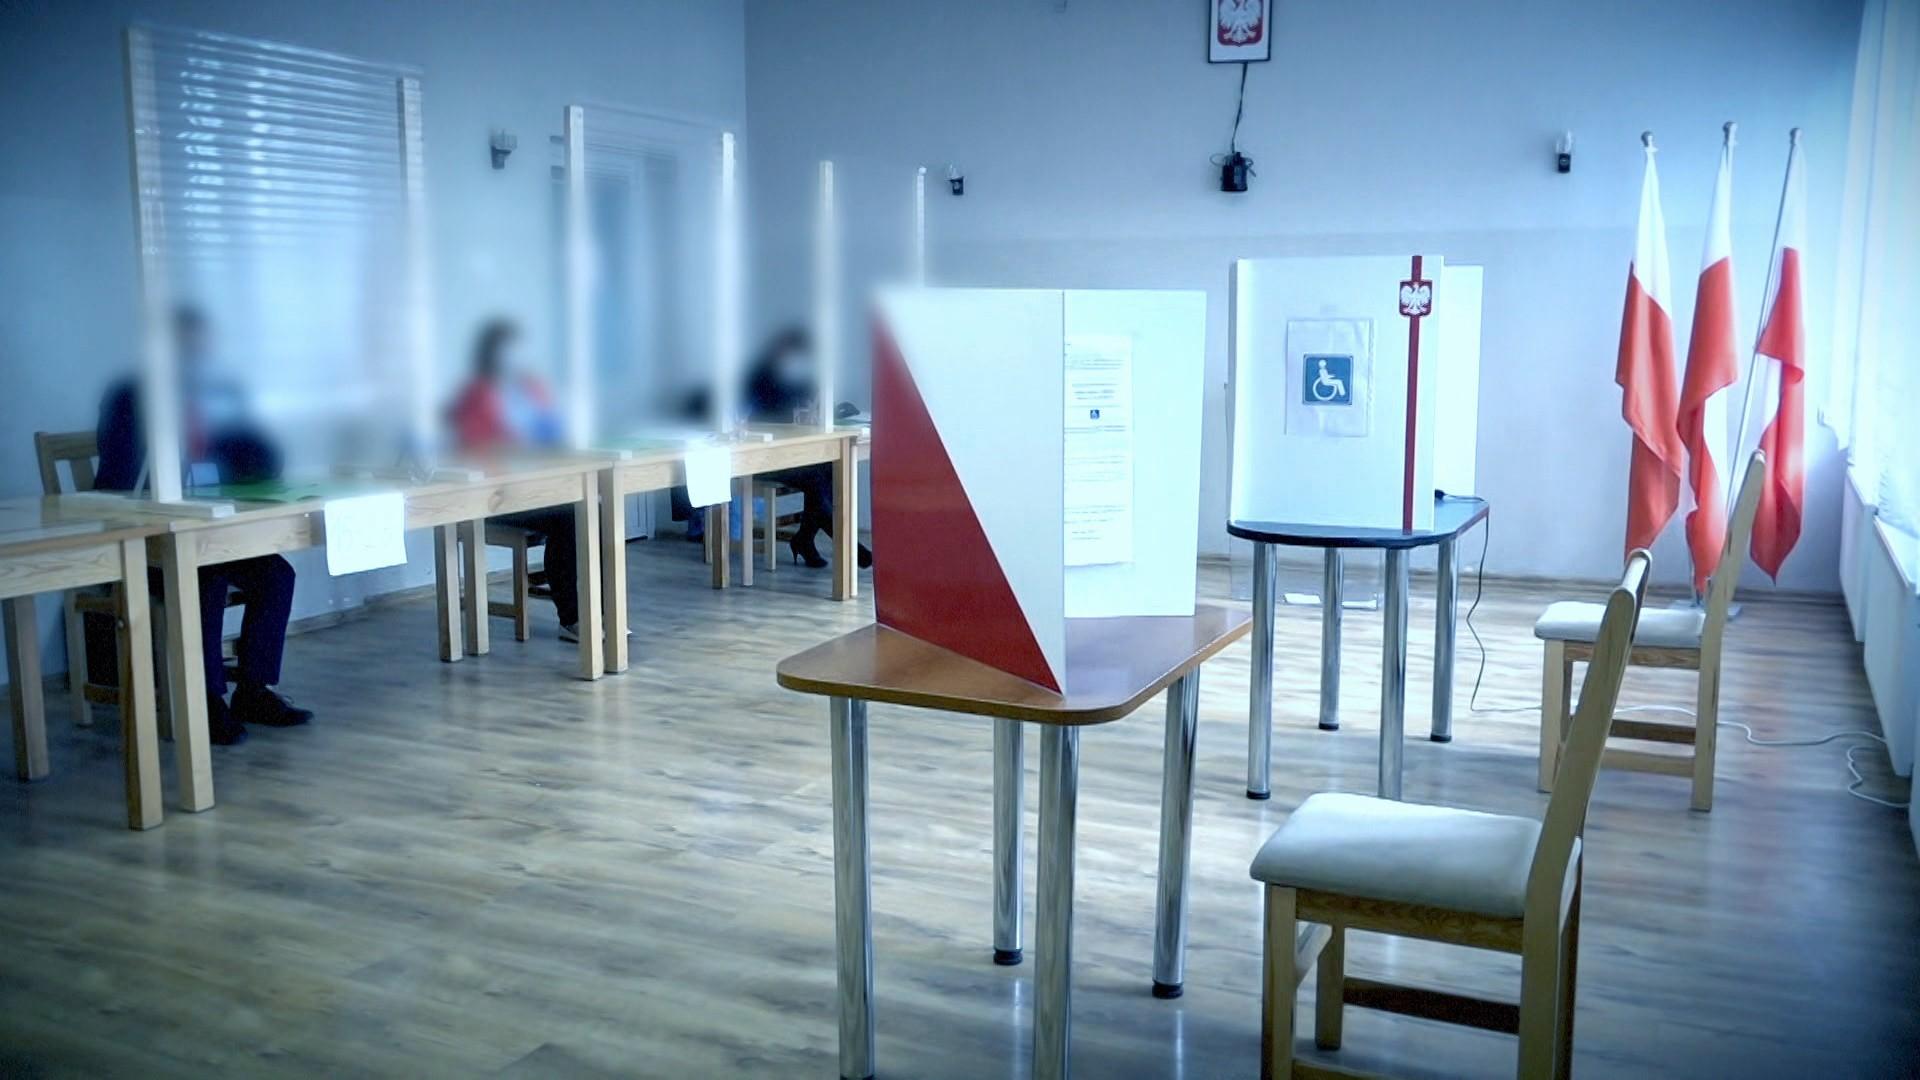 23.06.2020 | Wybory w rygorze sanitarnym. Co trzeba wiedzieć przed niedzielnym głosowaniem?